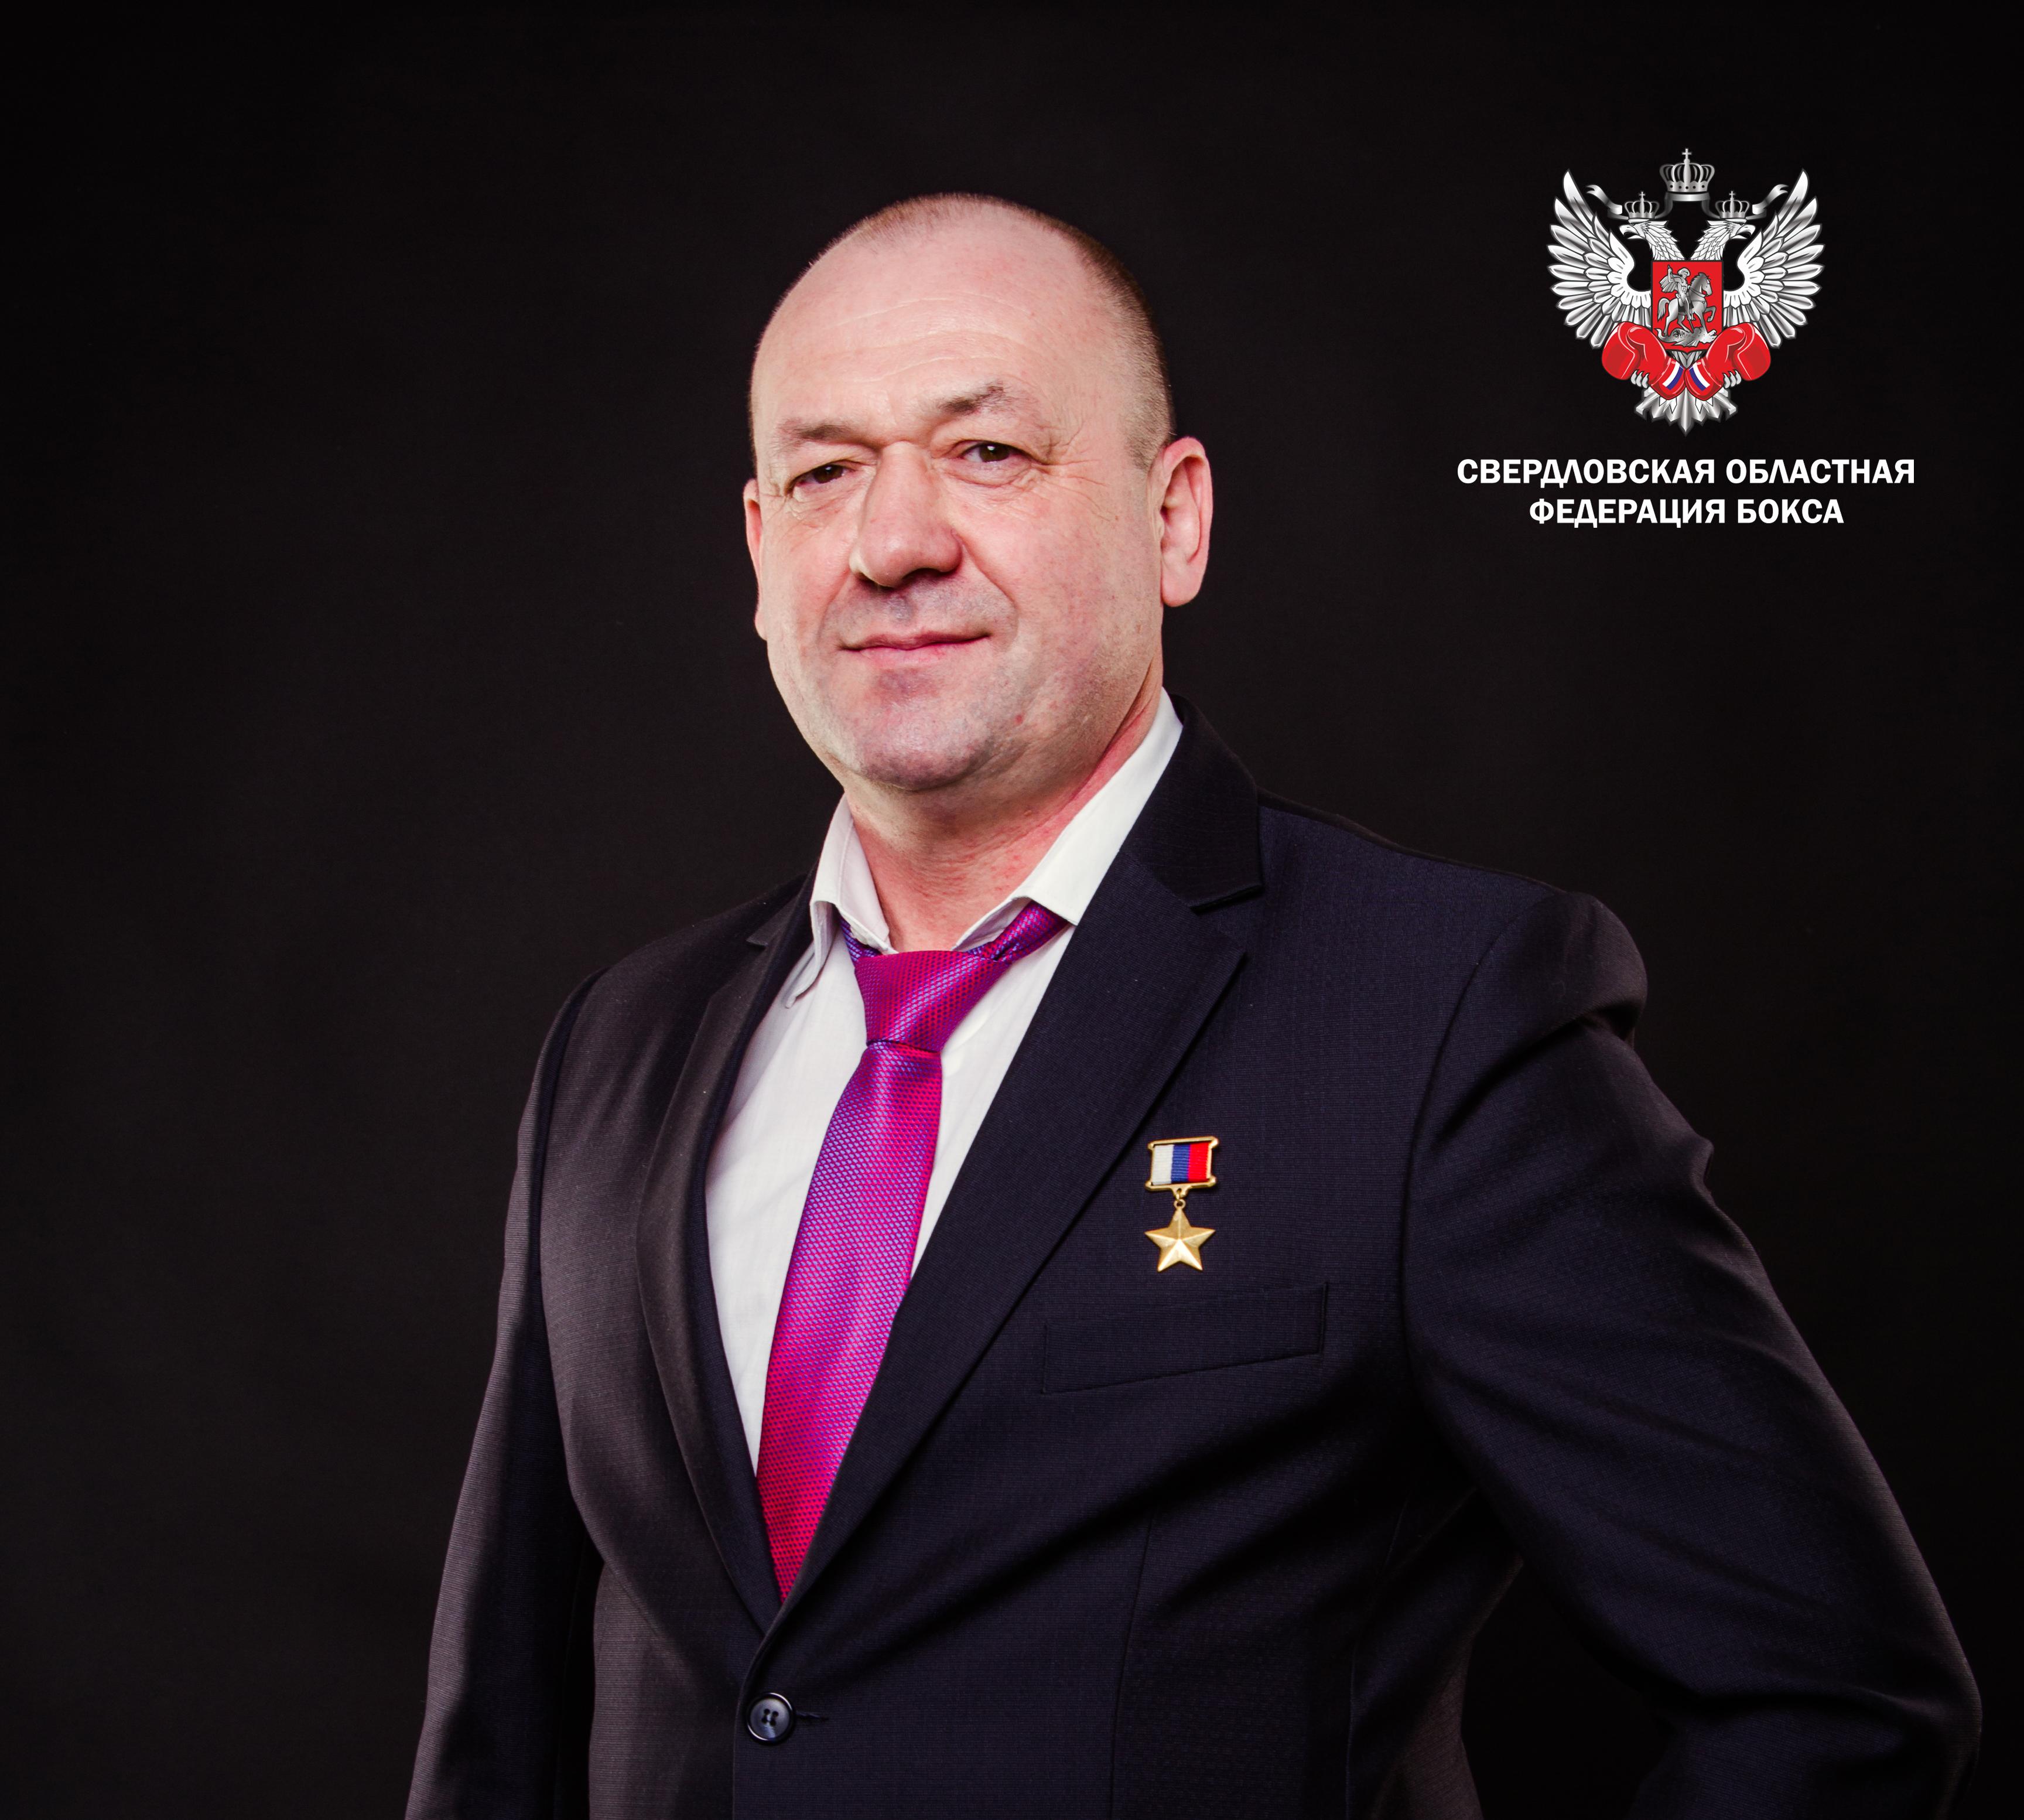 Поздравляем с международным днём бокса!